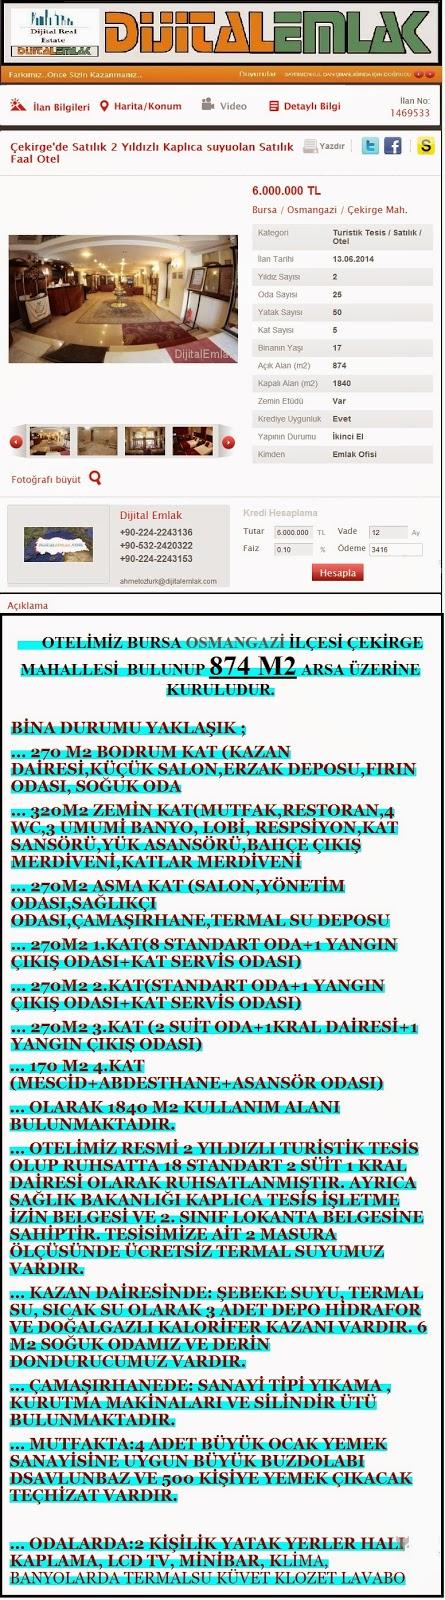 http://www.dijitalemlak.com.tr/ilan/1469533_cekirgede-satilik-2-yildizli-kaplica-suyuolan-satilik-faal-otel.html